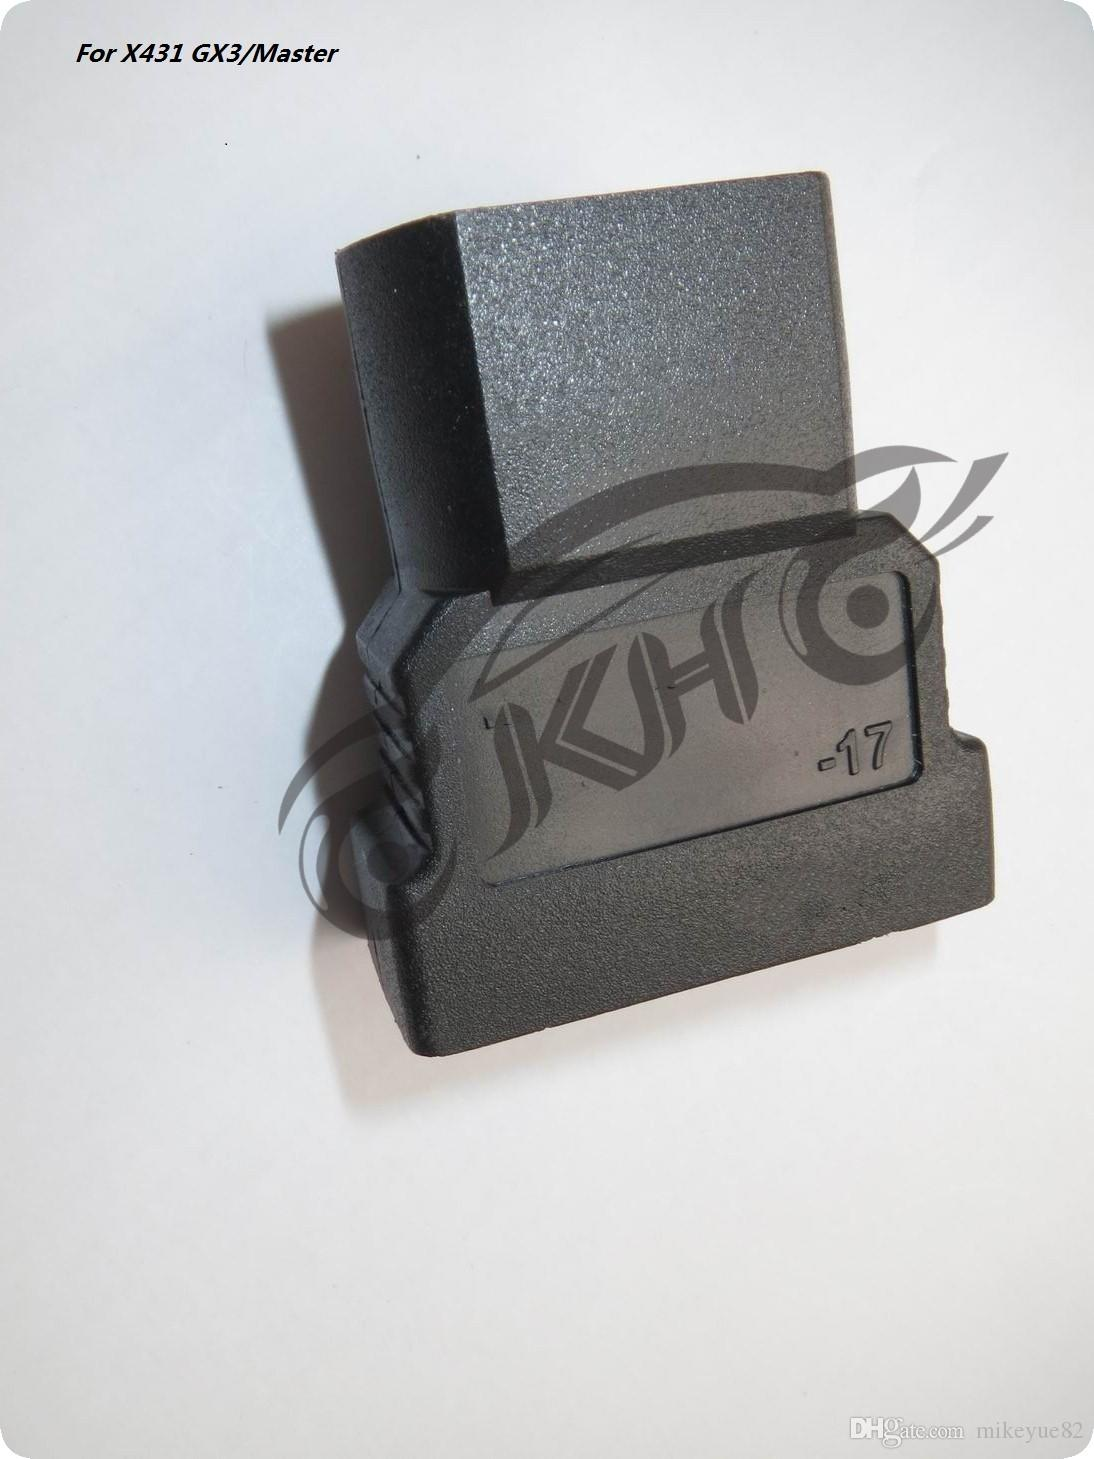 100% d'origine pour LANCEMENT X431 pour MAZDA -17 broches adaptateur GX3 Maste -17 broches connecteur OBD-II connecteur connecteur OBD2